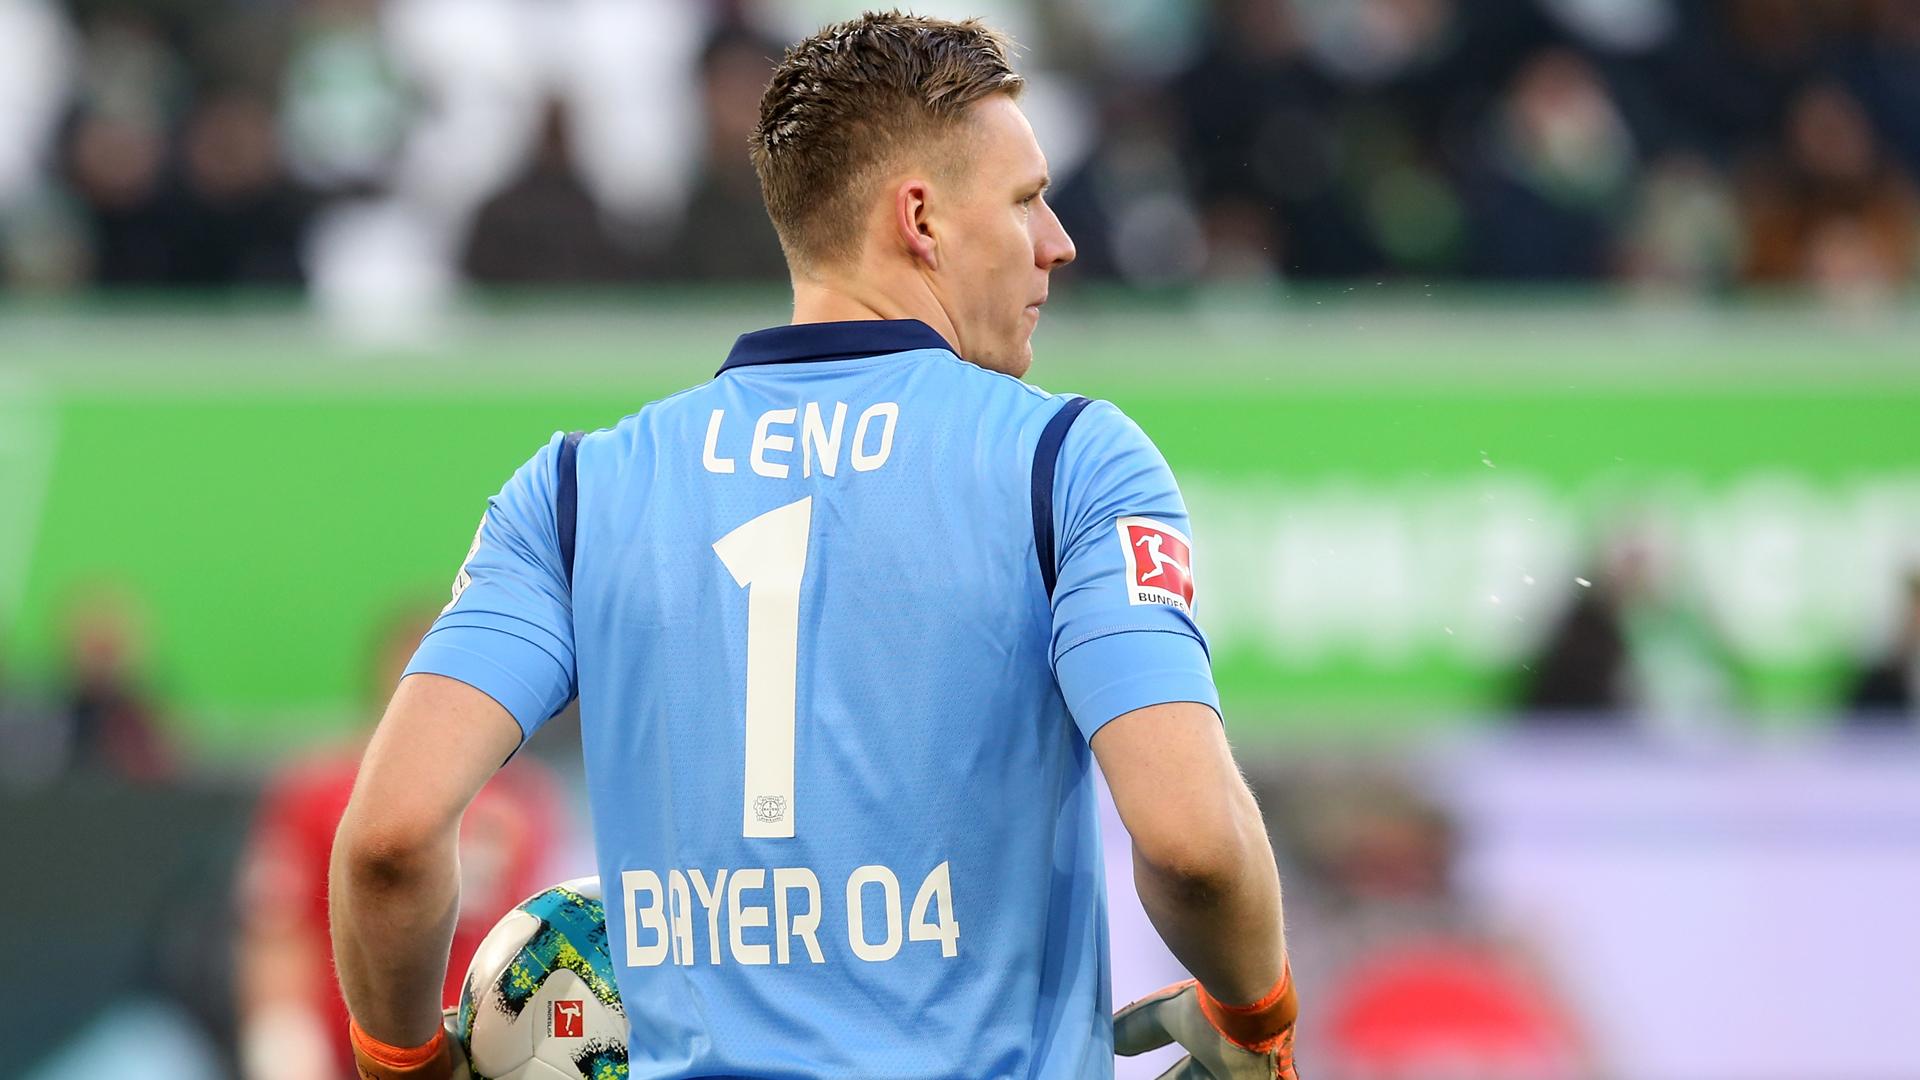 Bernd Leno Bayer leverkusen 03032018